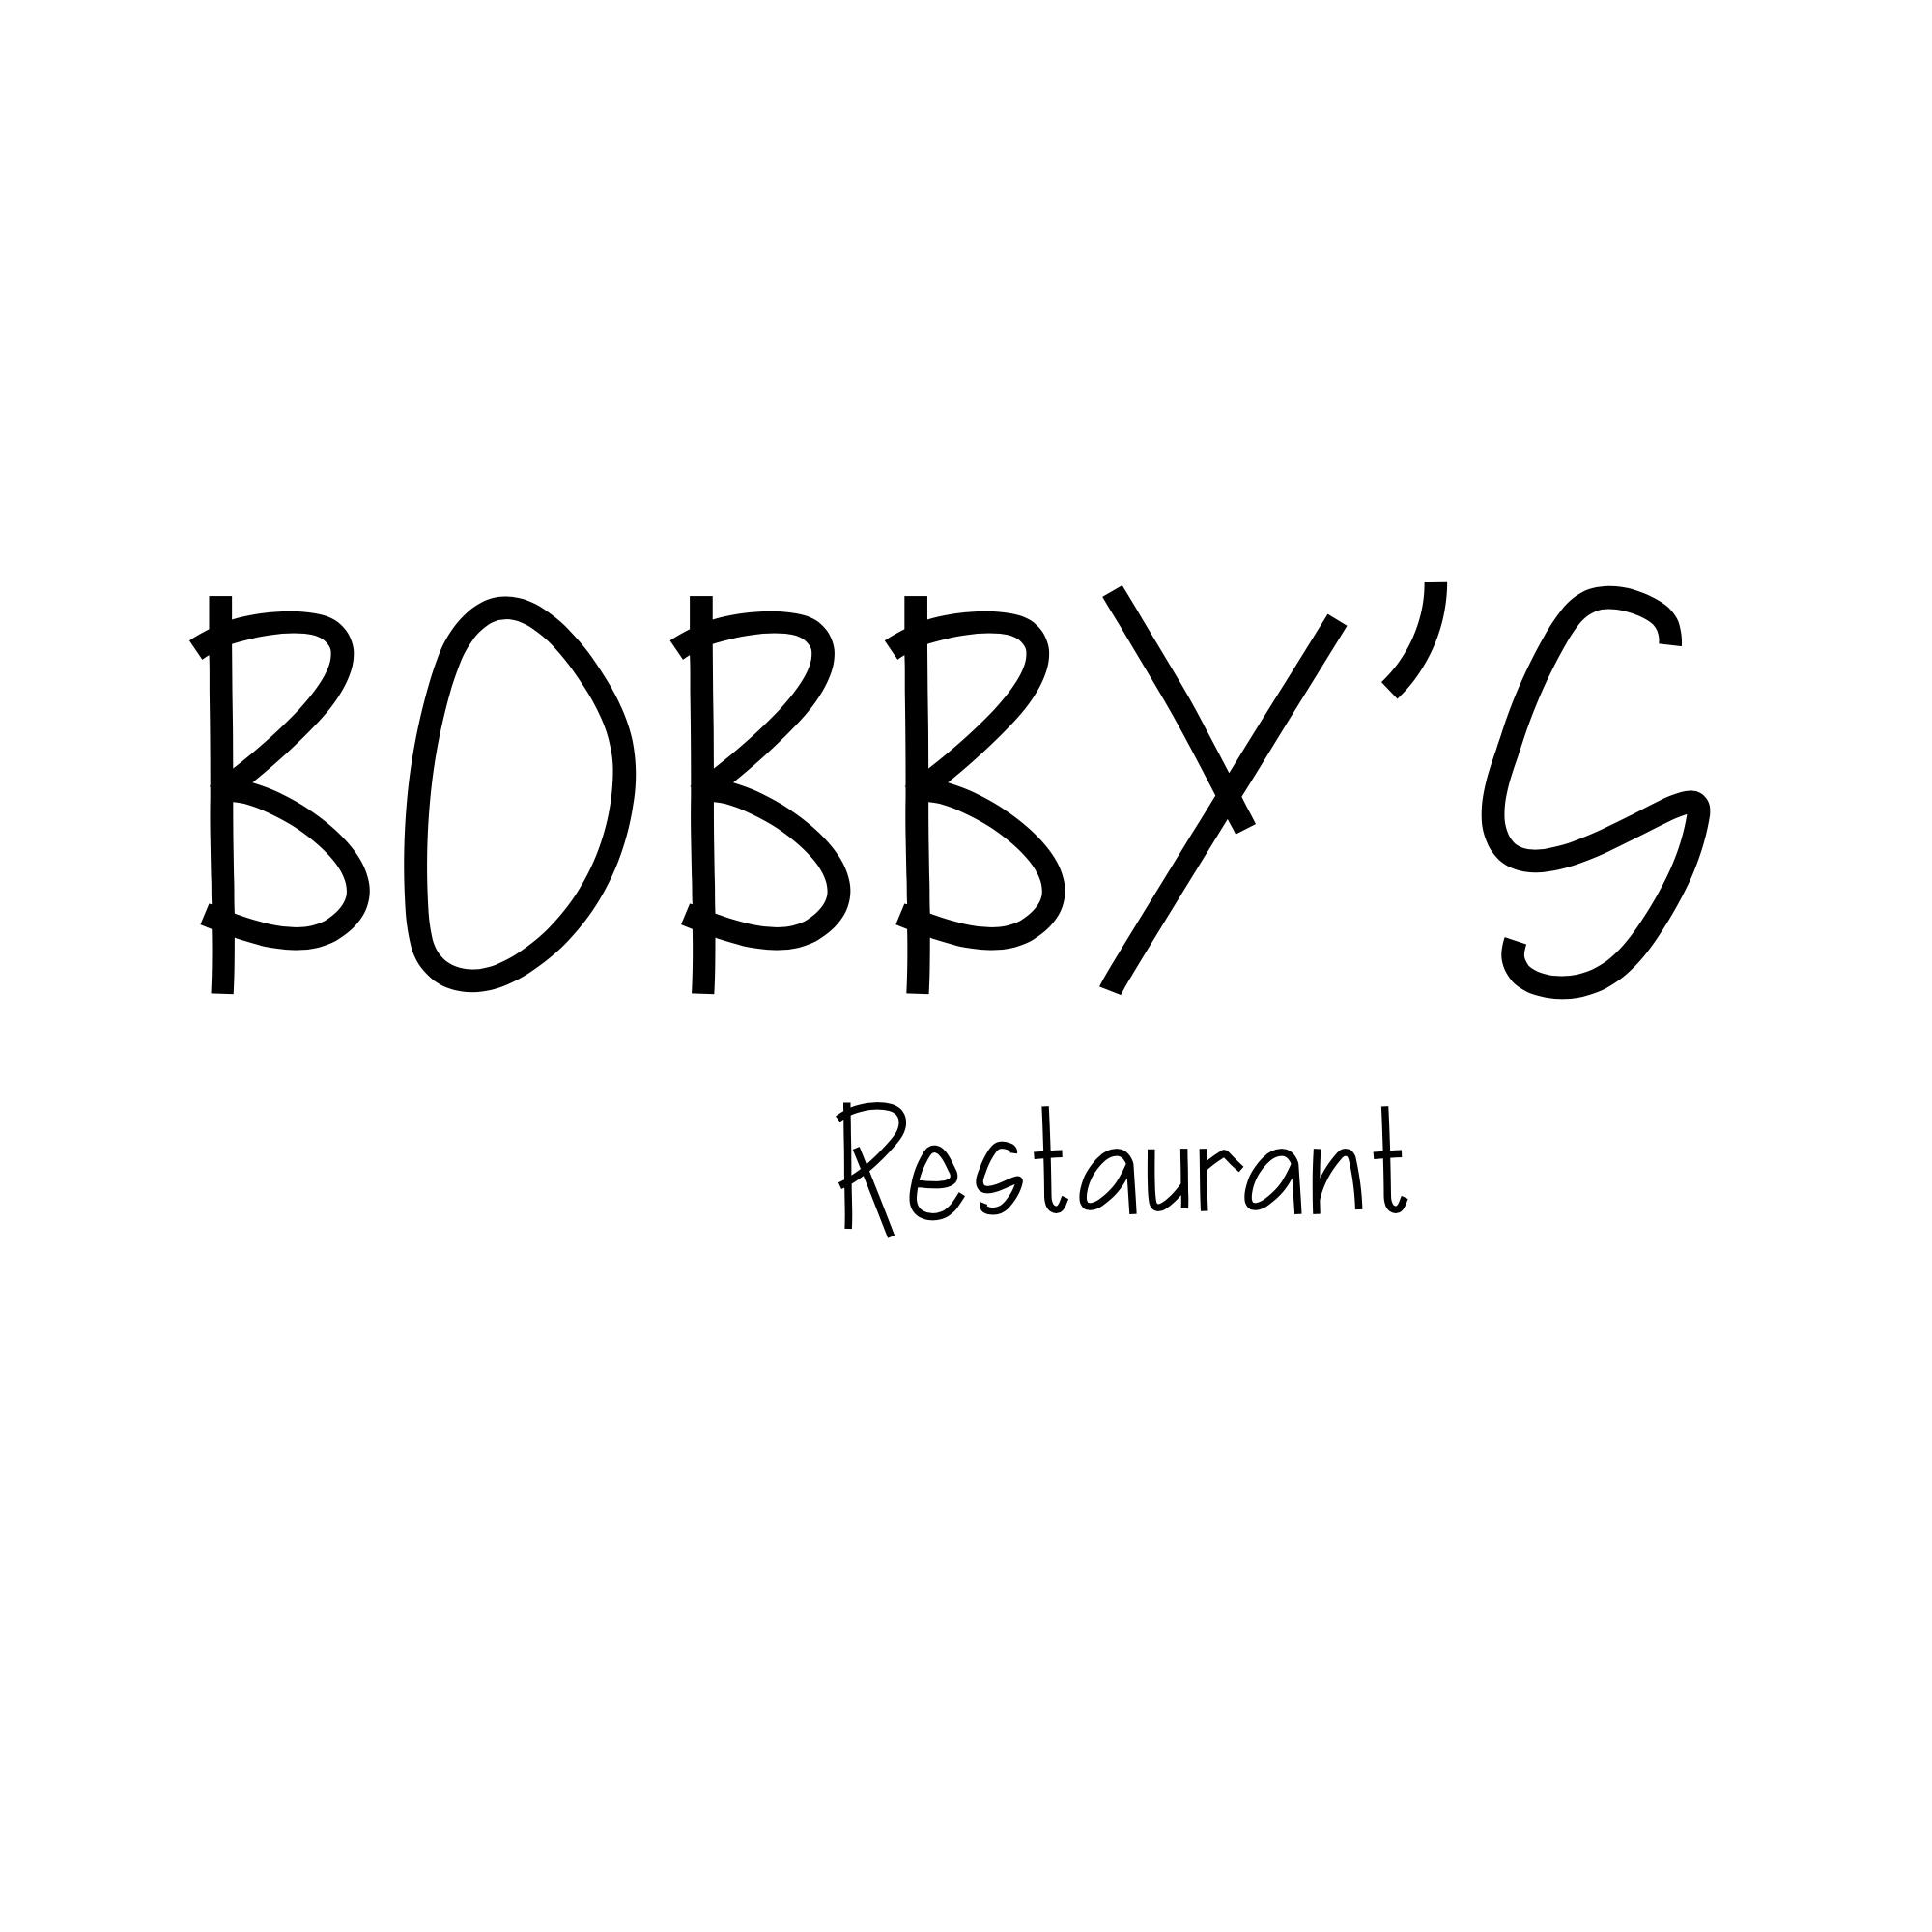 bobbys_logo-2